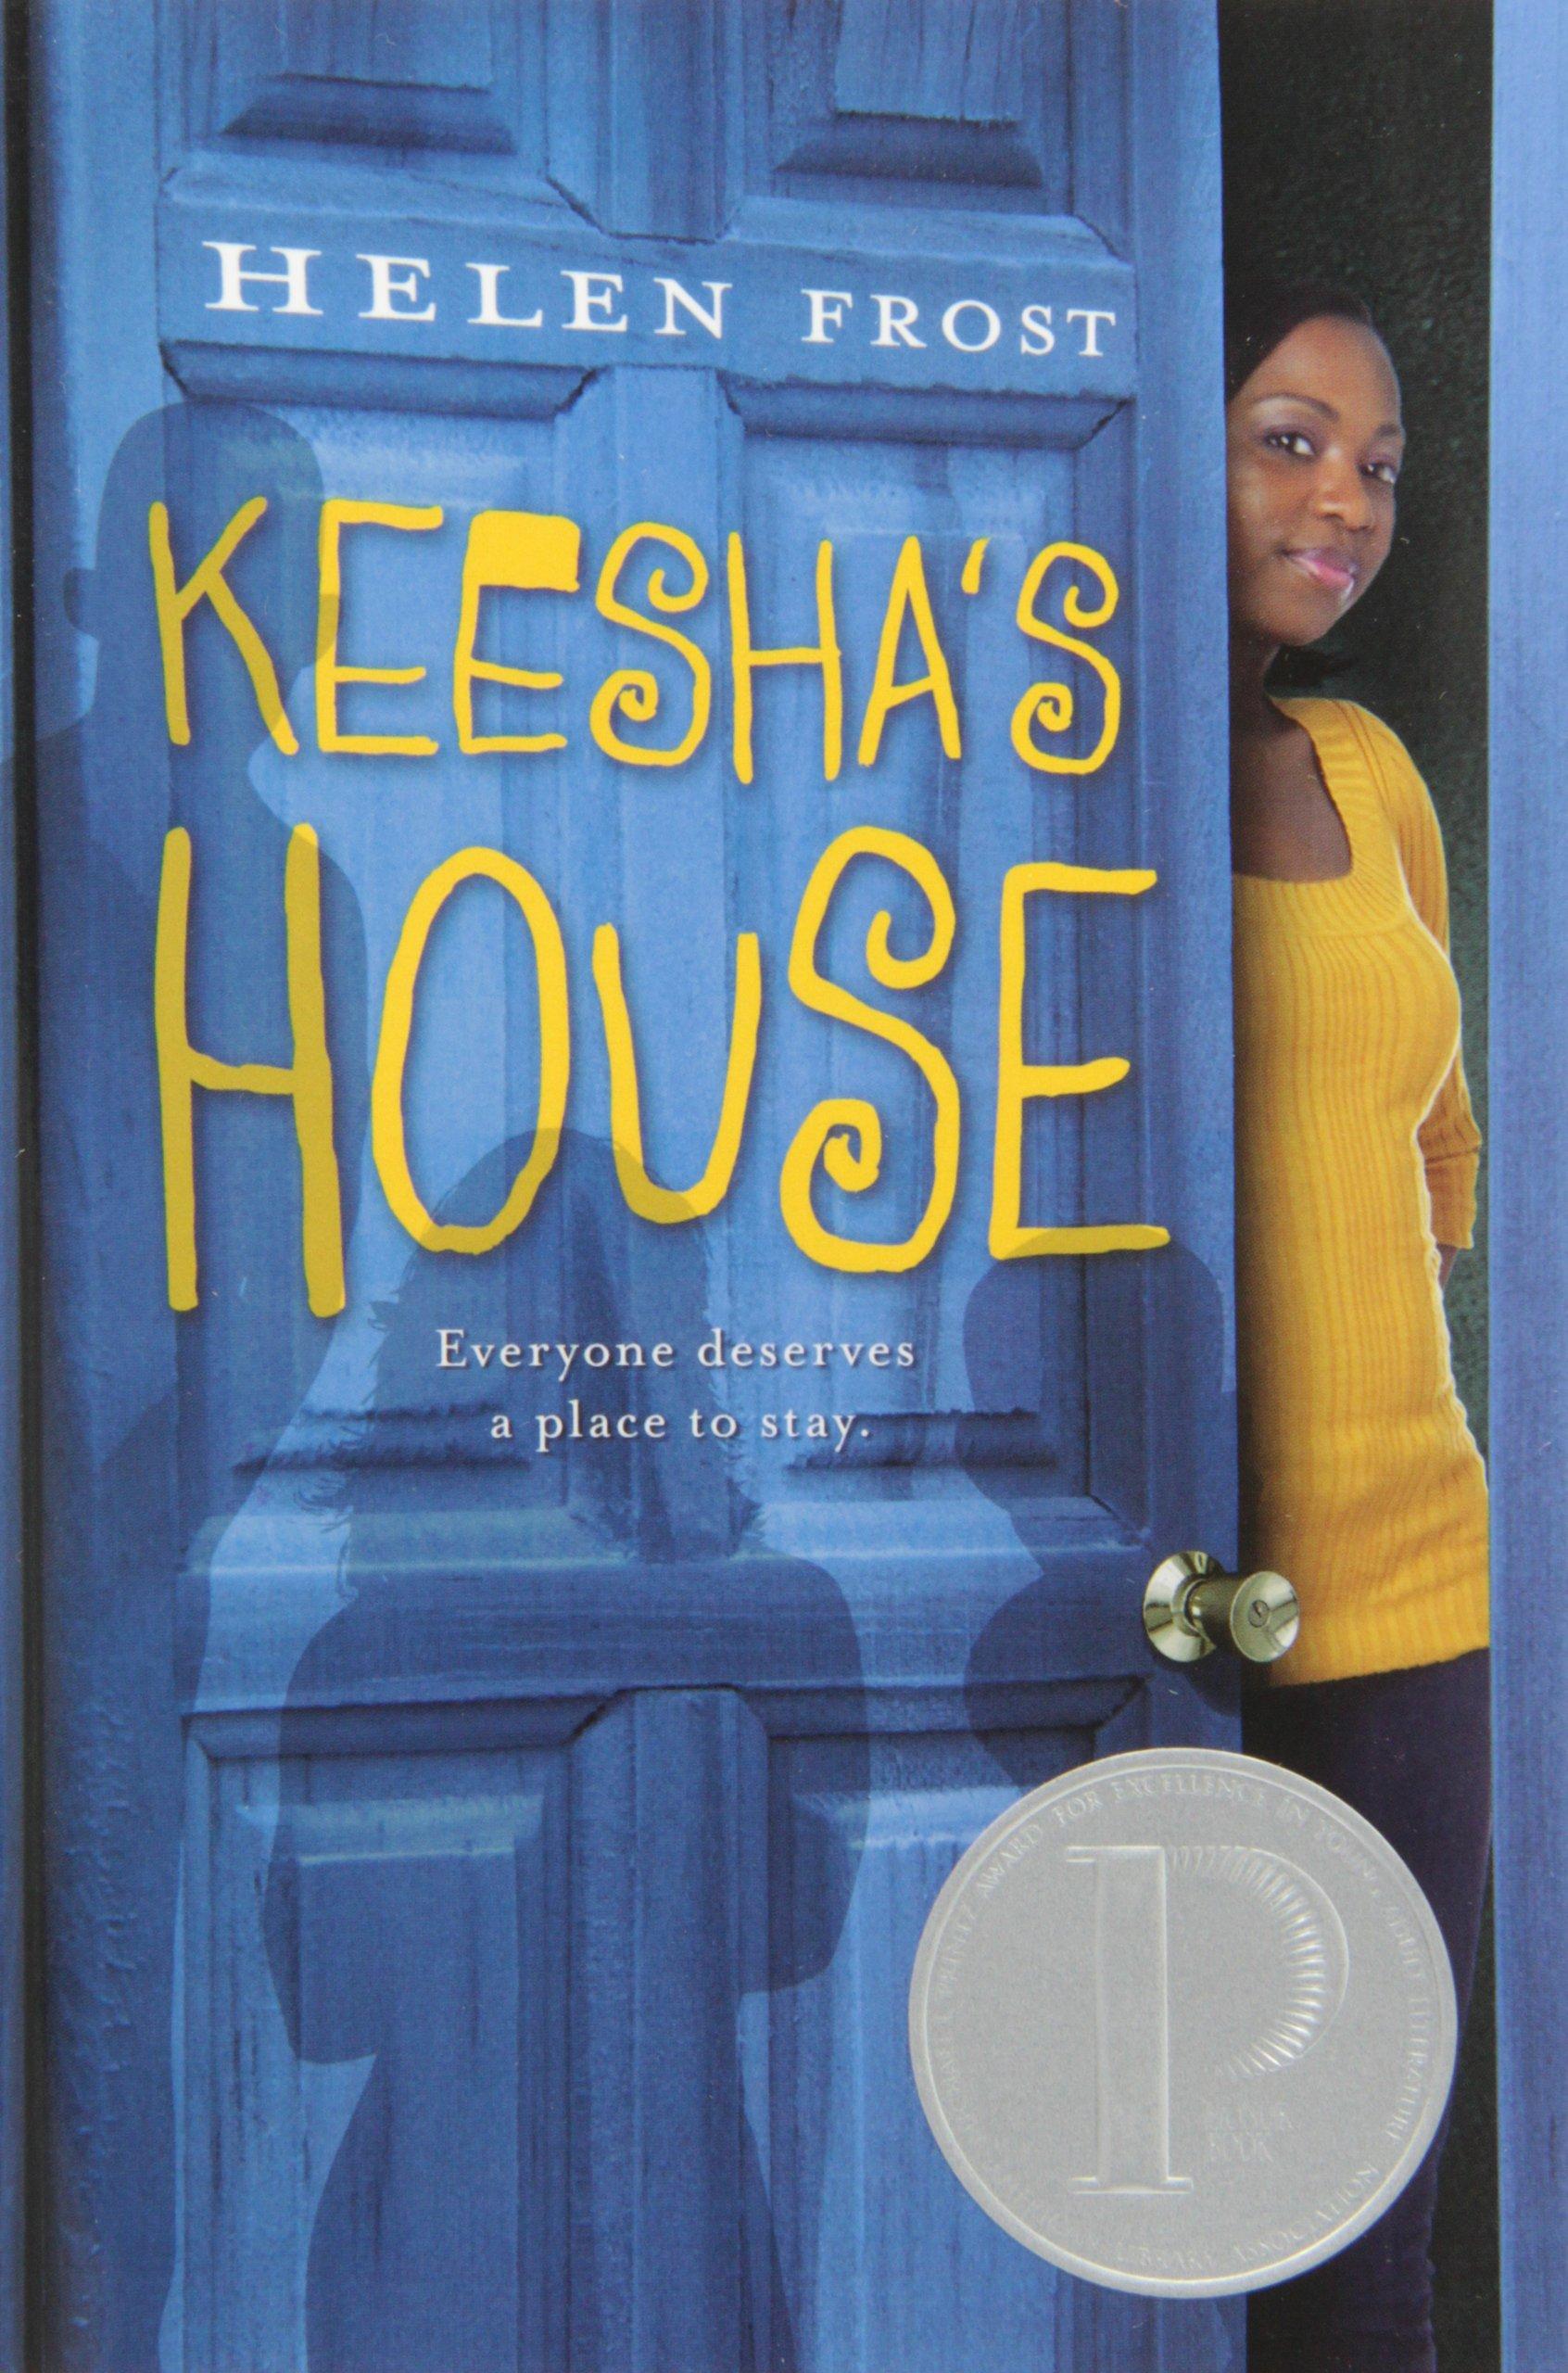 Keesha's House on Clear Eyes, Full Shelves